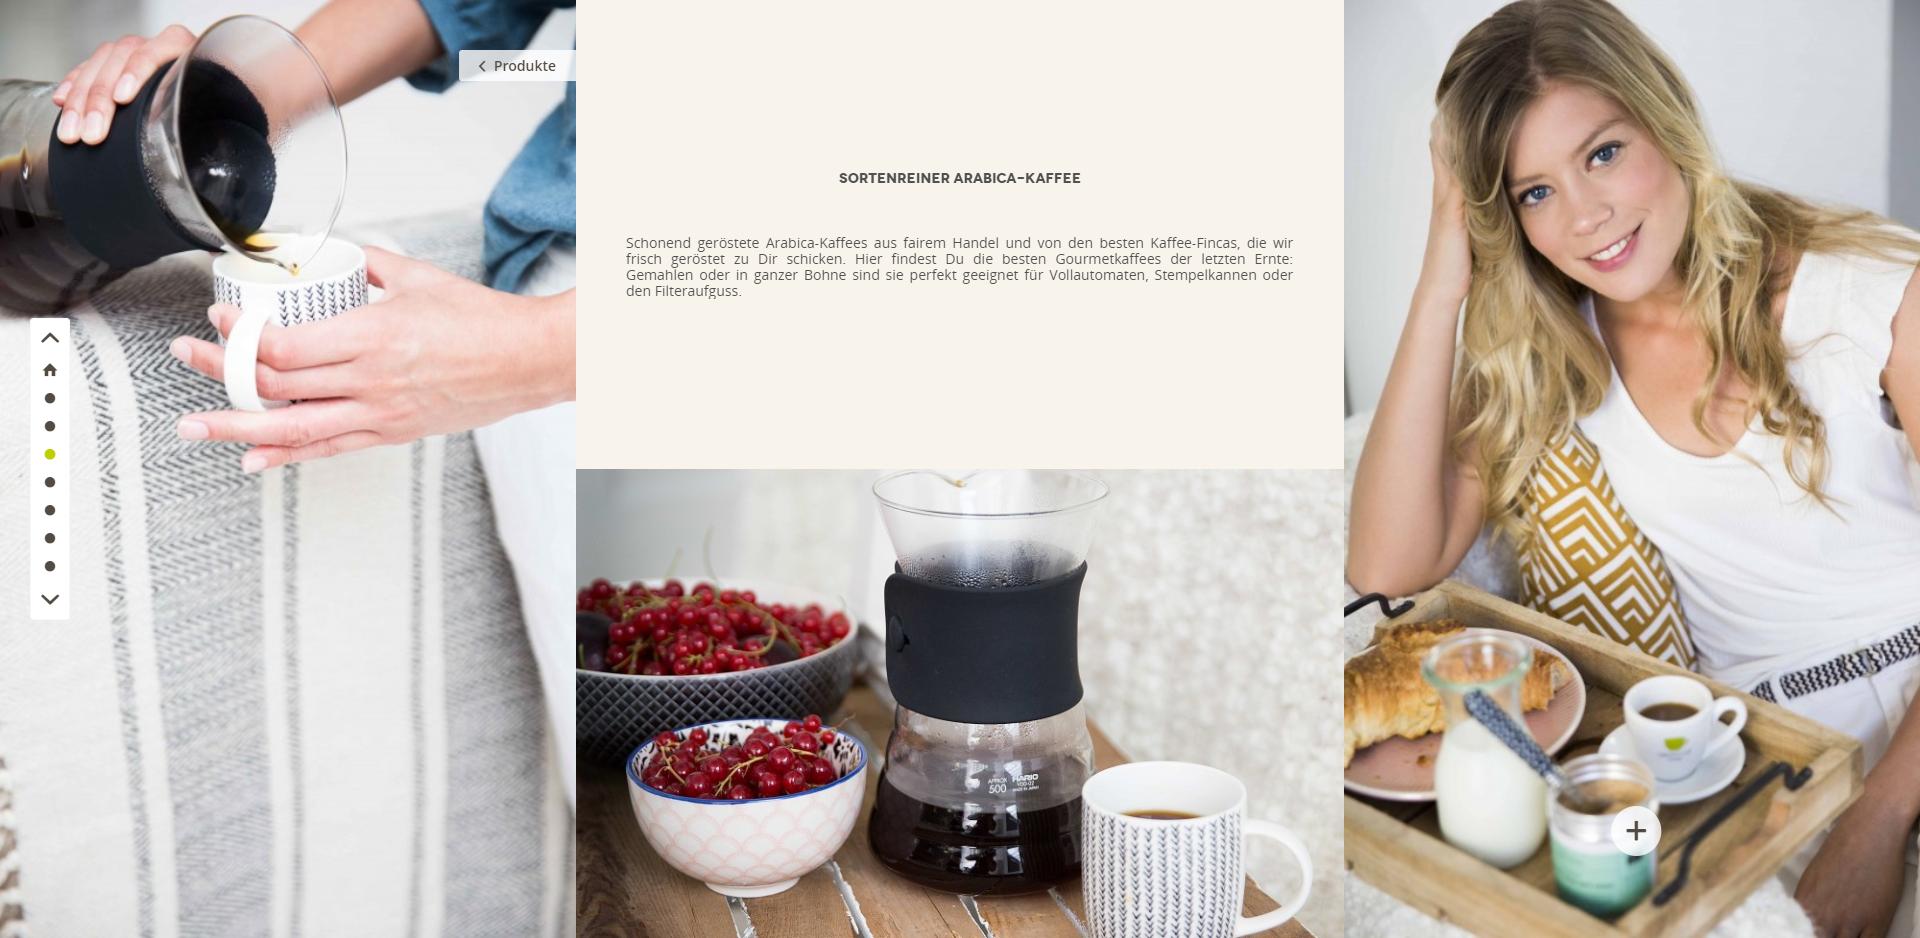 Storytelling Einkaufswelten Shopware auf www.green-cup-coffee.de